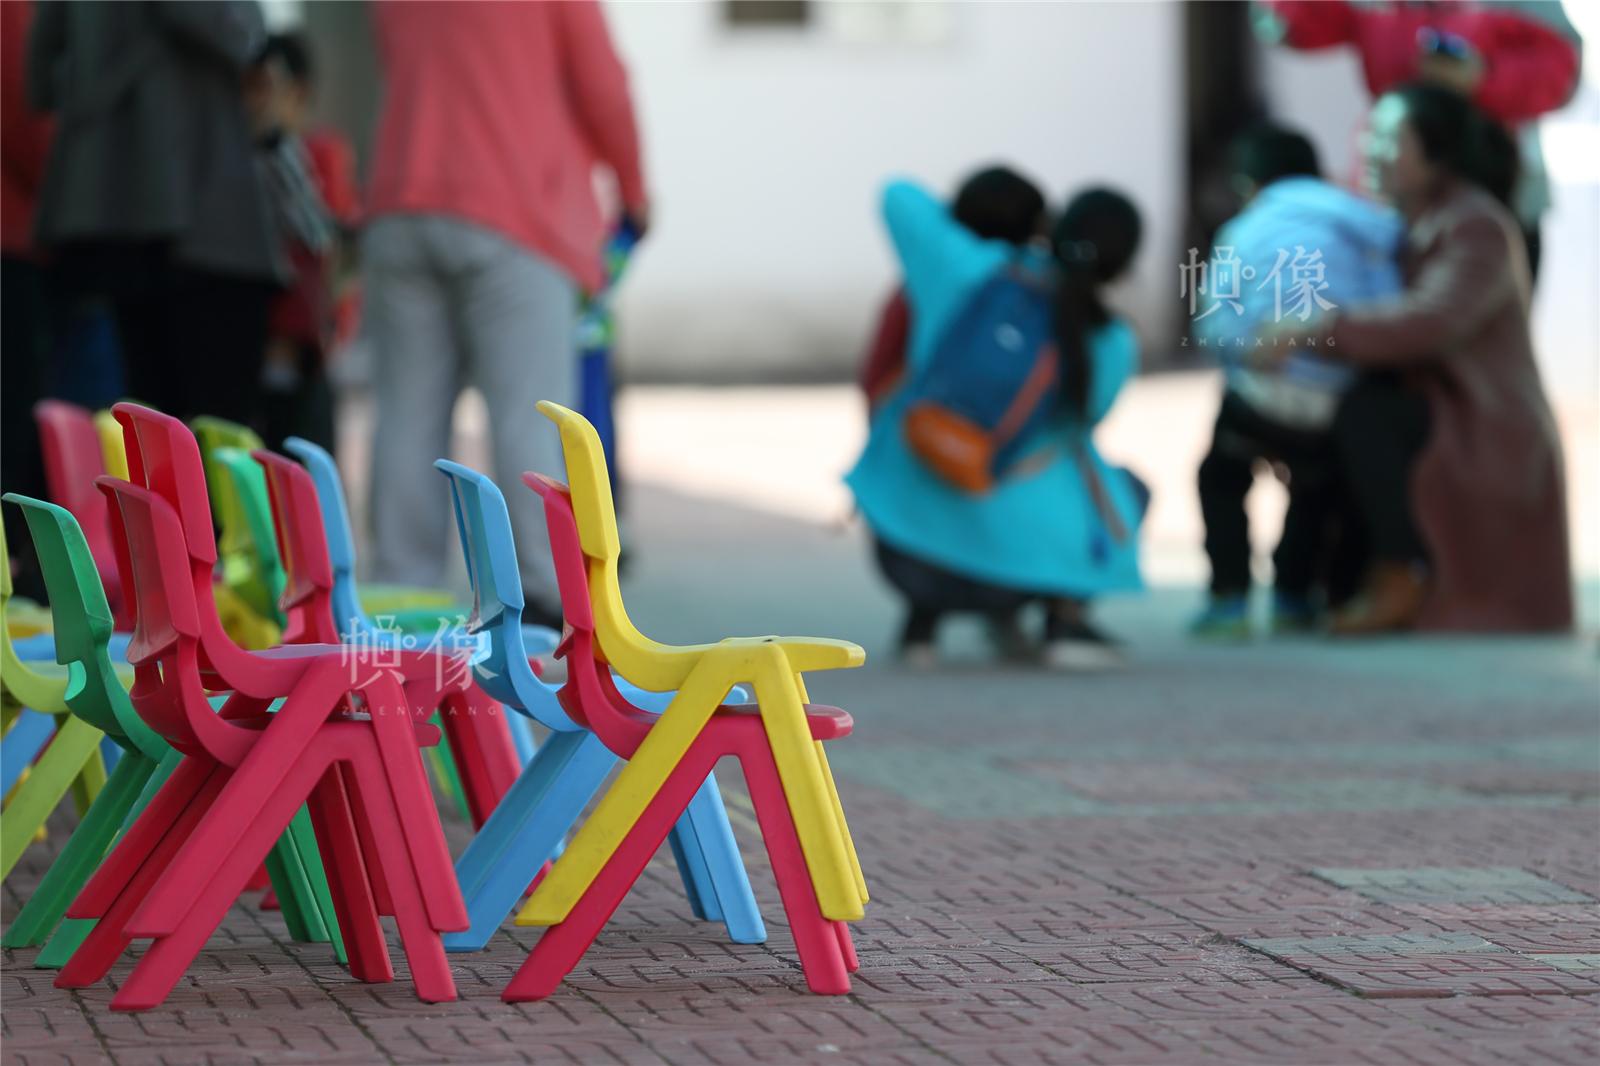 2017年3月27日,北京星星雨教育研究所,家長帶著孩子們在操場訓練。中國網記者陳維松 攝